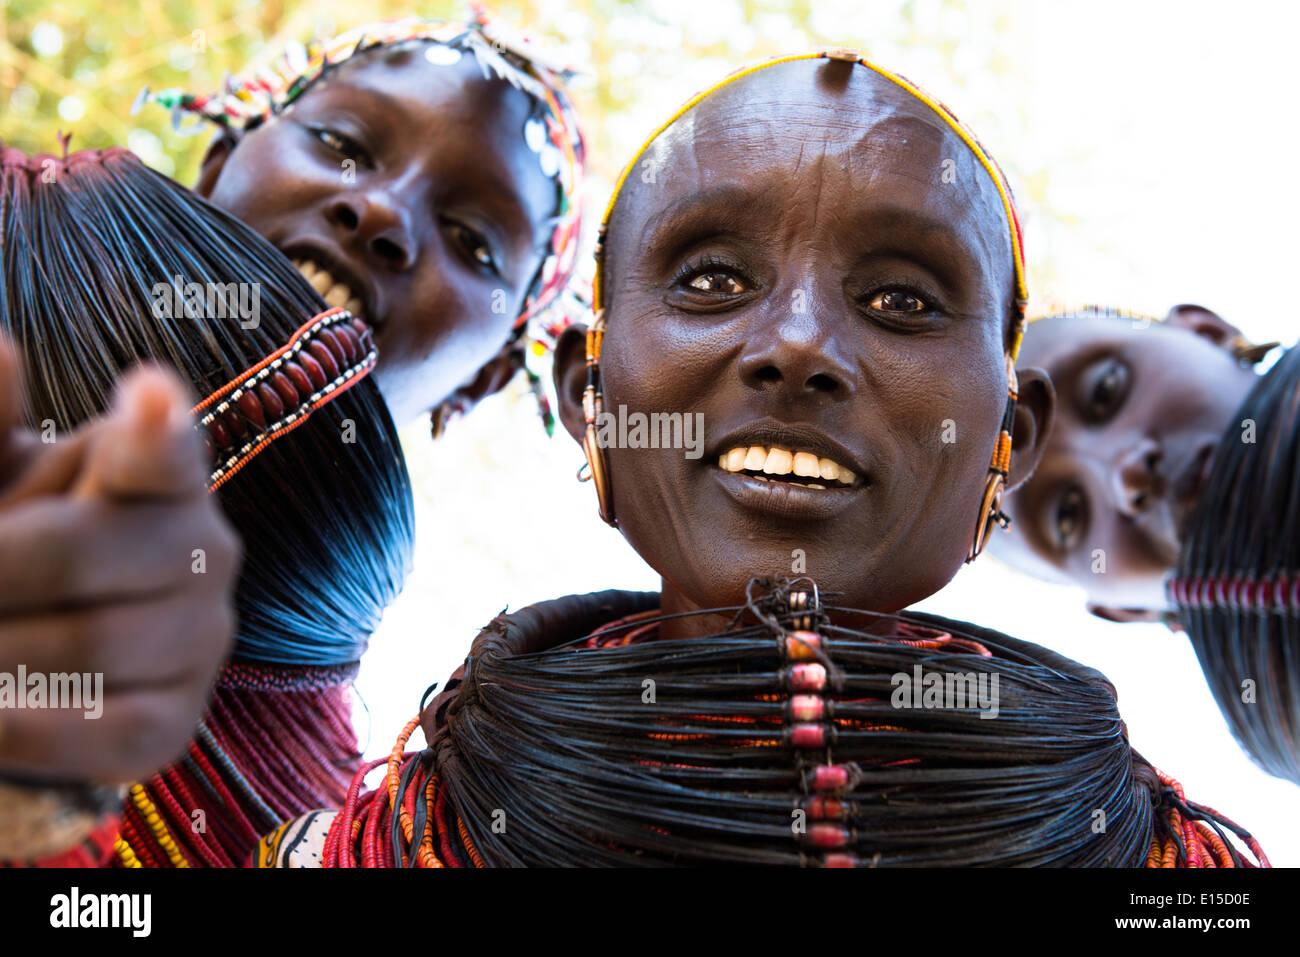 Schöne Rendille Frauen in ihrem Dorf im Norden Kenias. Stockbild